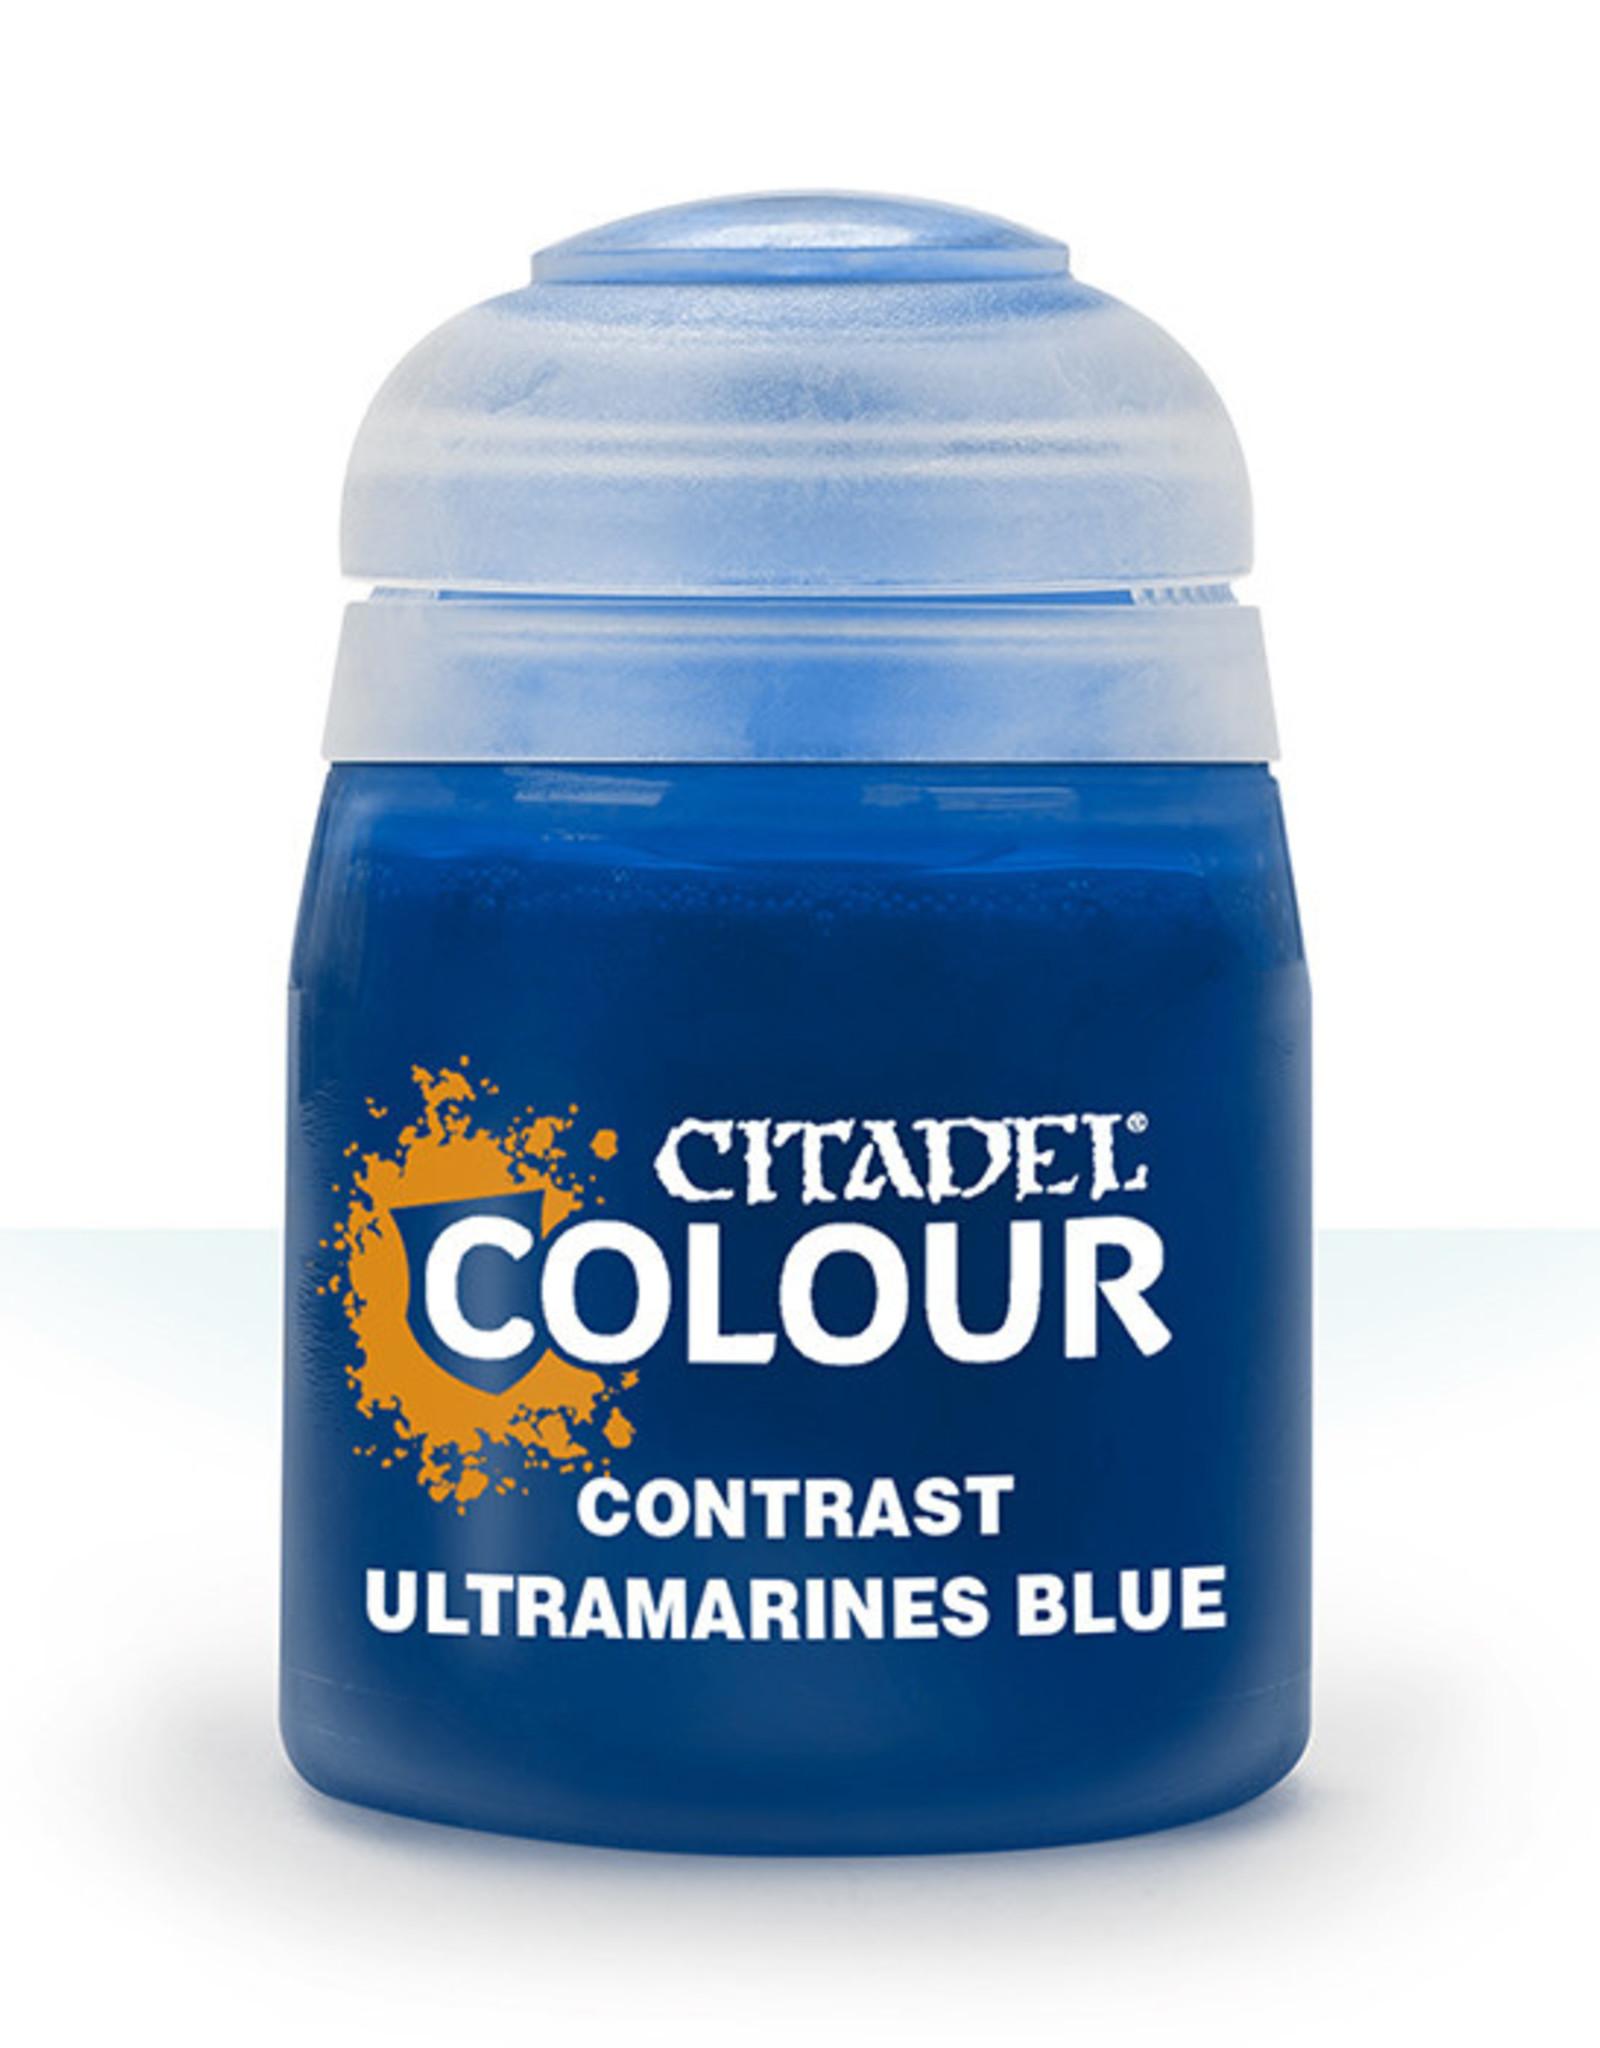 Citadel Citadel Colour: Contrast - Ultramarines Blue